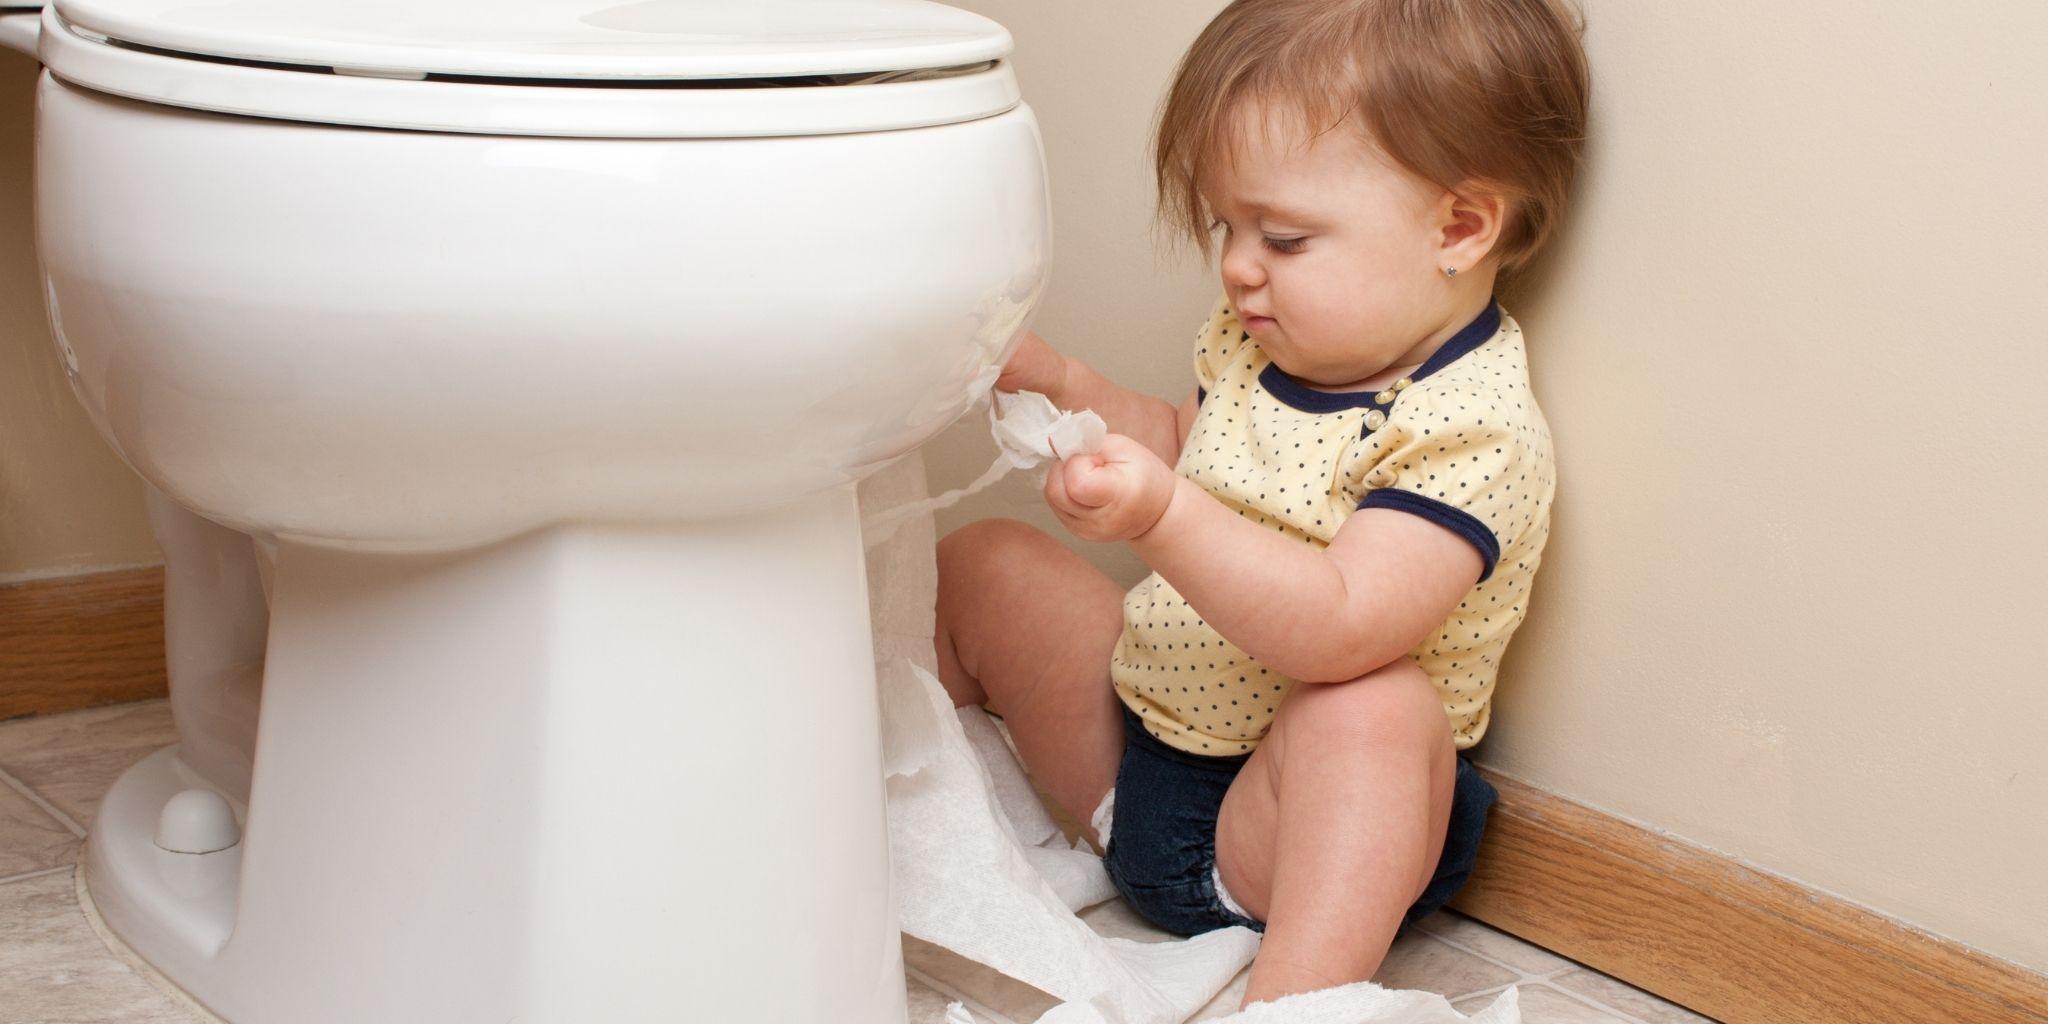 Toiletten-Training für Kleinkinder